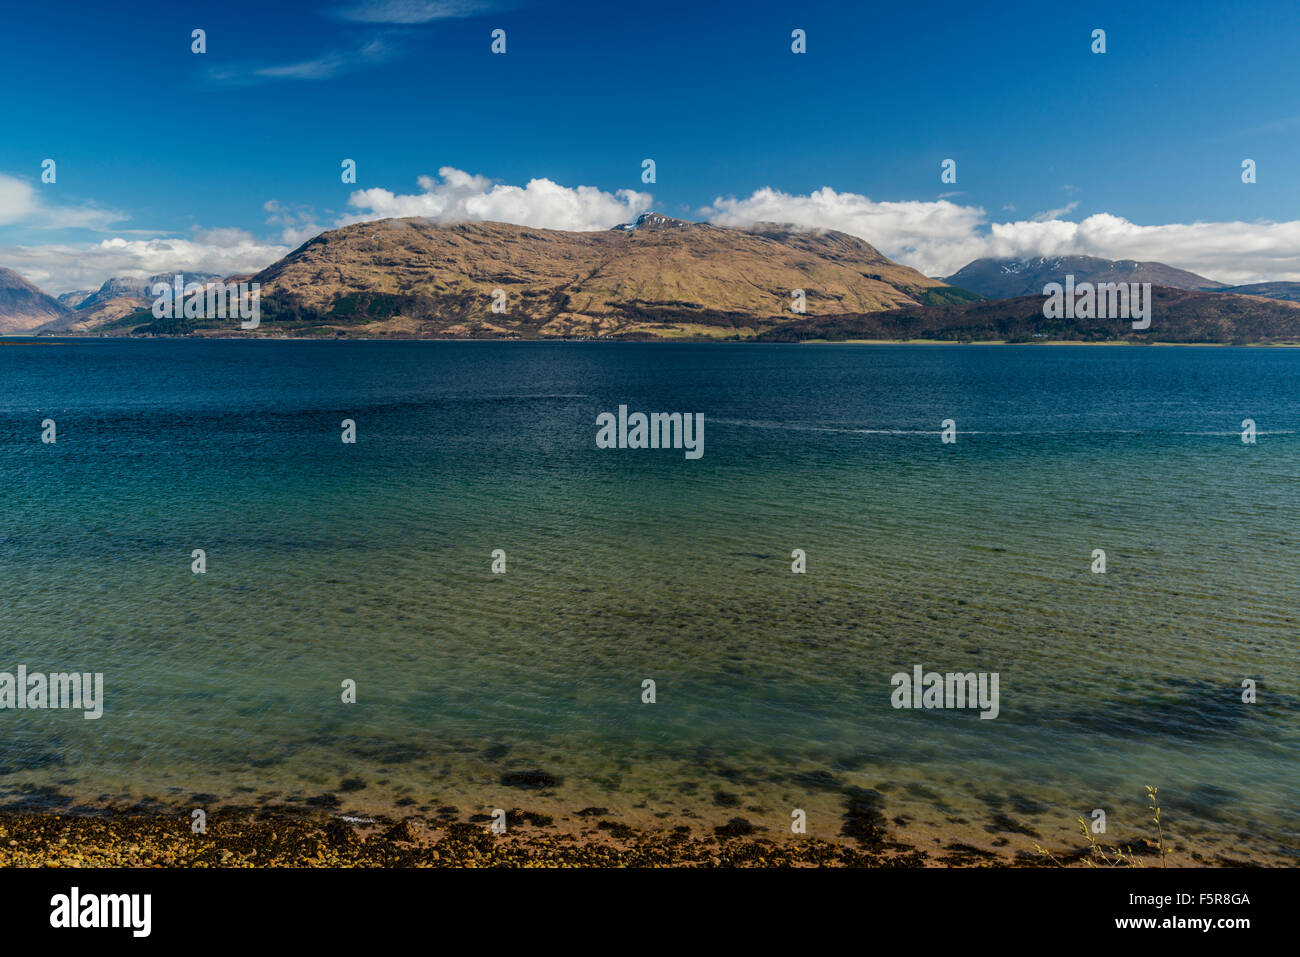 Scottish Highlands Scotland UK - Stock Image